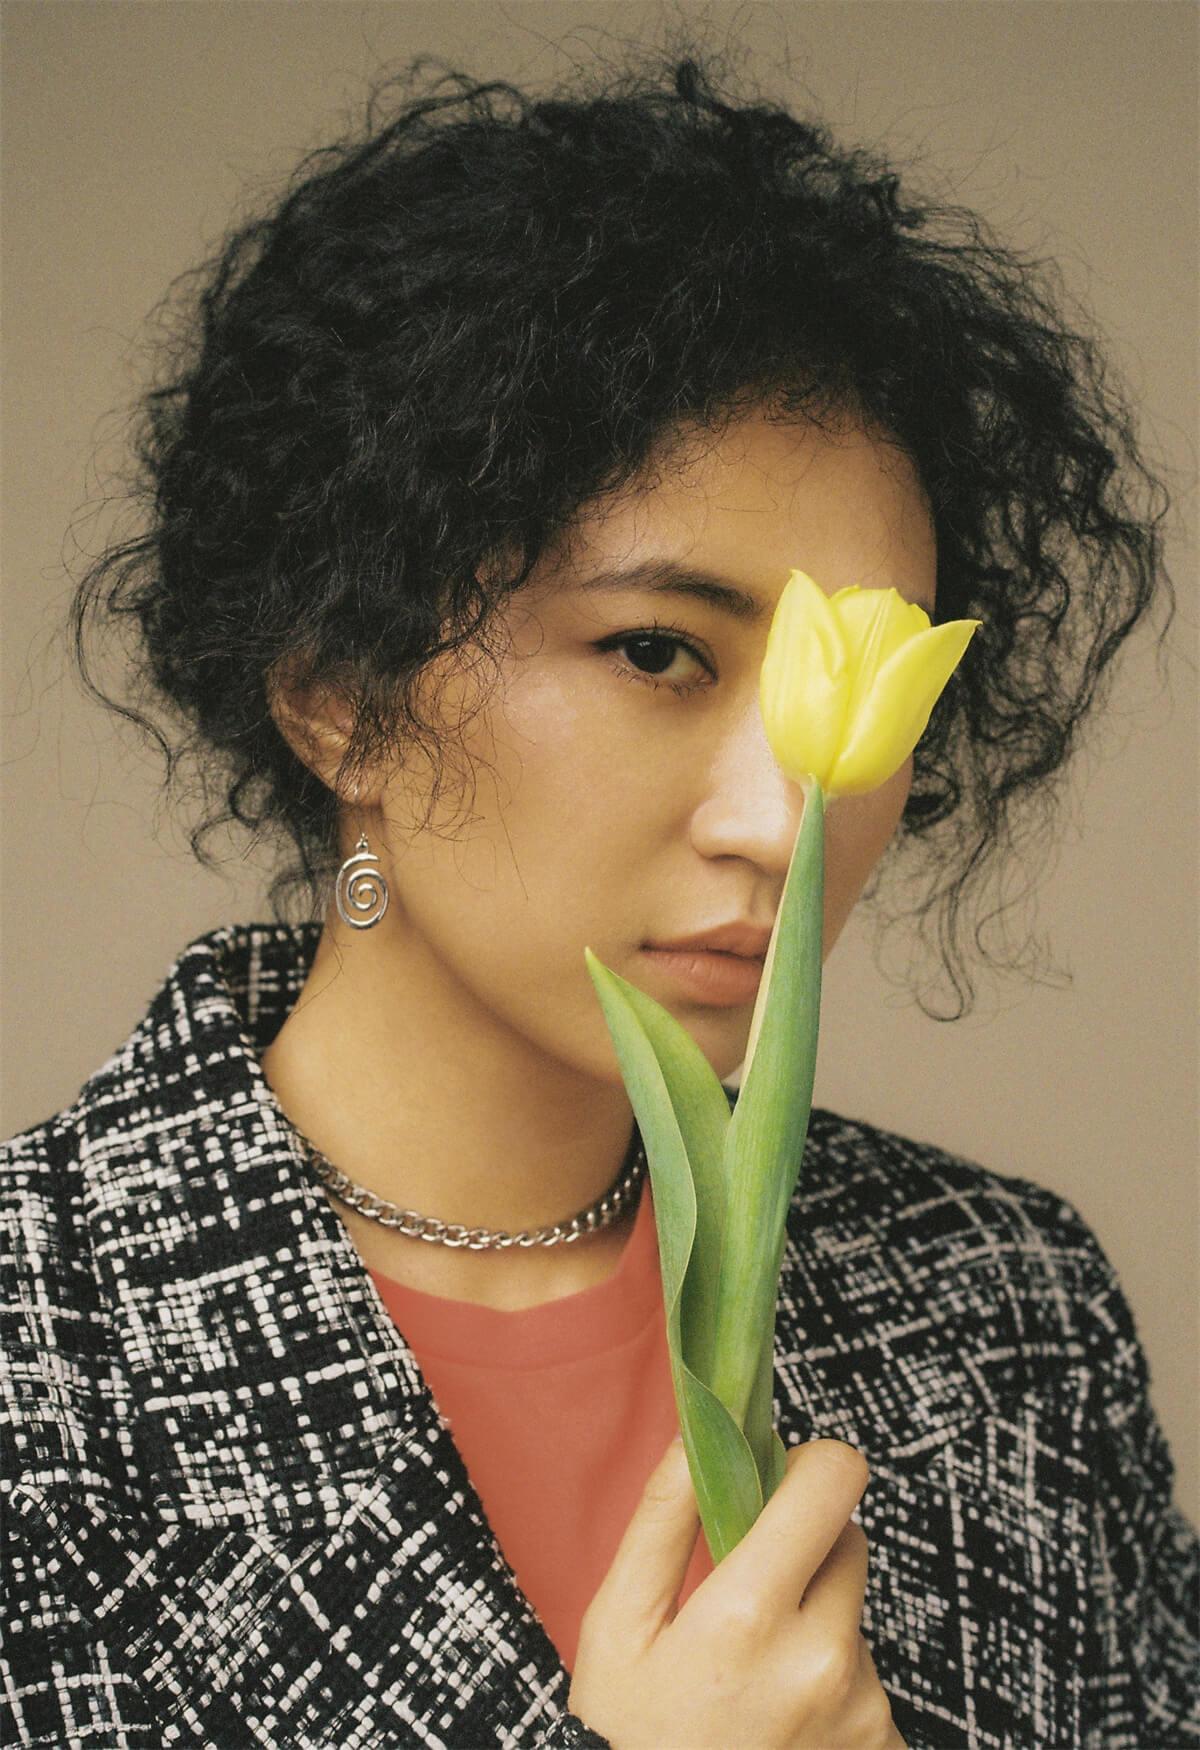 今年の<サマソニ>は台湾からのアーティストにも大大大注目!出演者を詳しく紹介&本人からのコメントも music190730_summersonic-taiwang_06